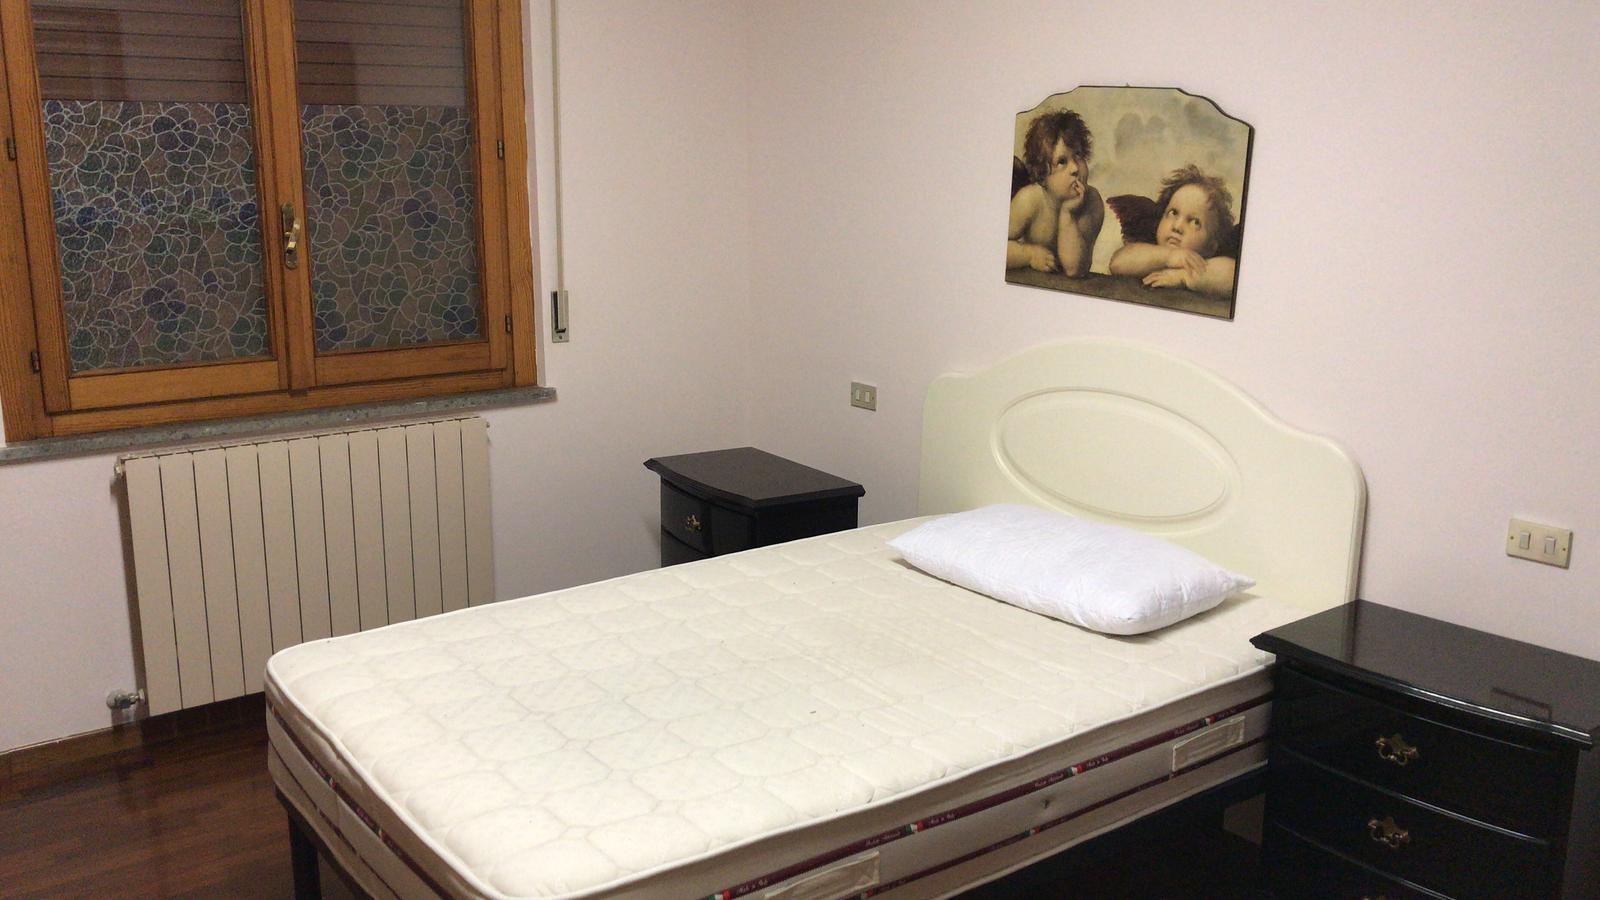 Camera da letto arredata di 15,45 mq , Camera studio arredata, singola, di  8,45 mq e Bagno personale, ben attrezzato.